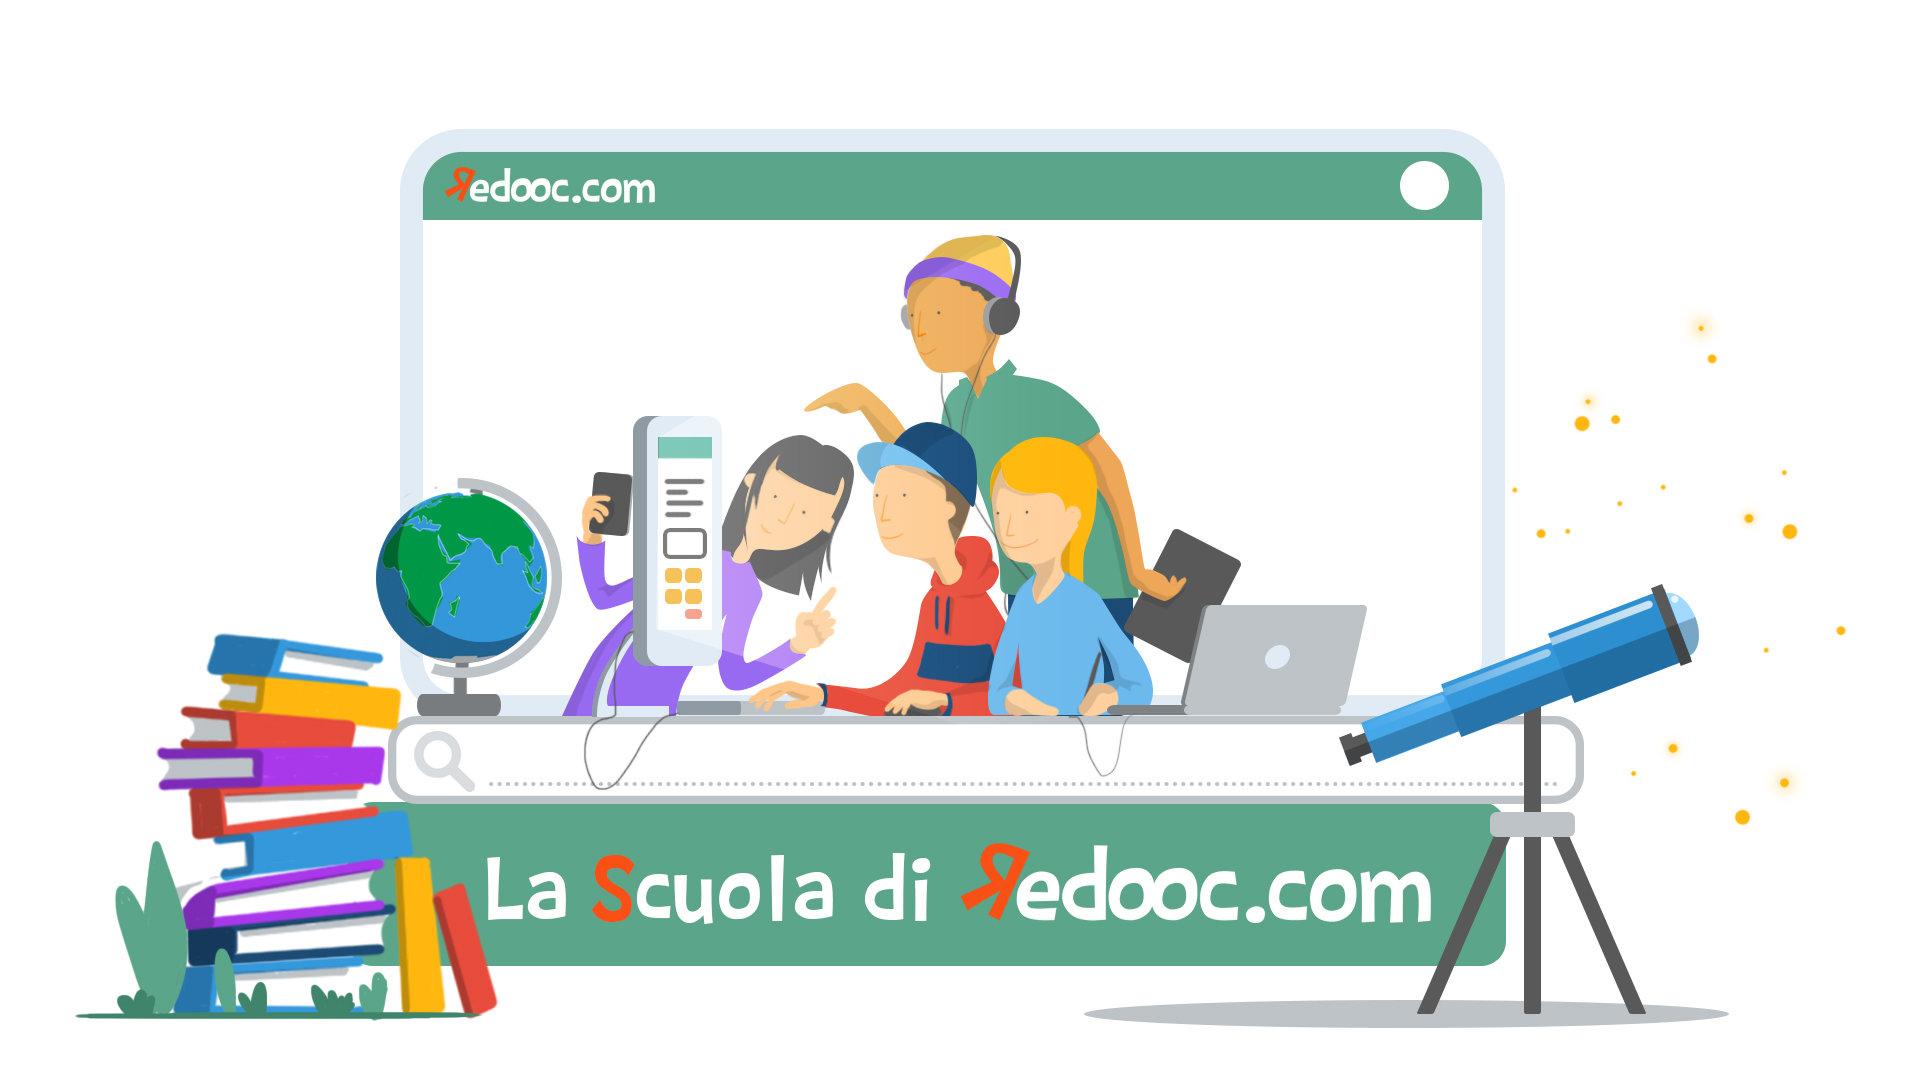 Redooc entra in classe con una piattaforma per la didattica digitale